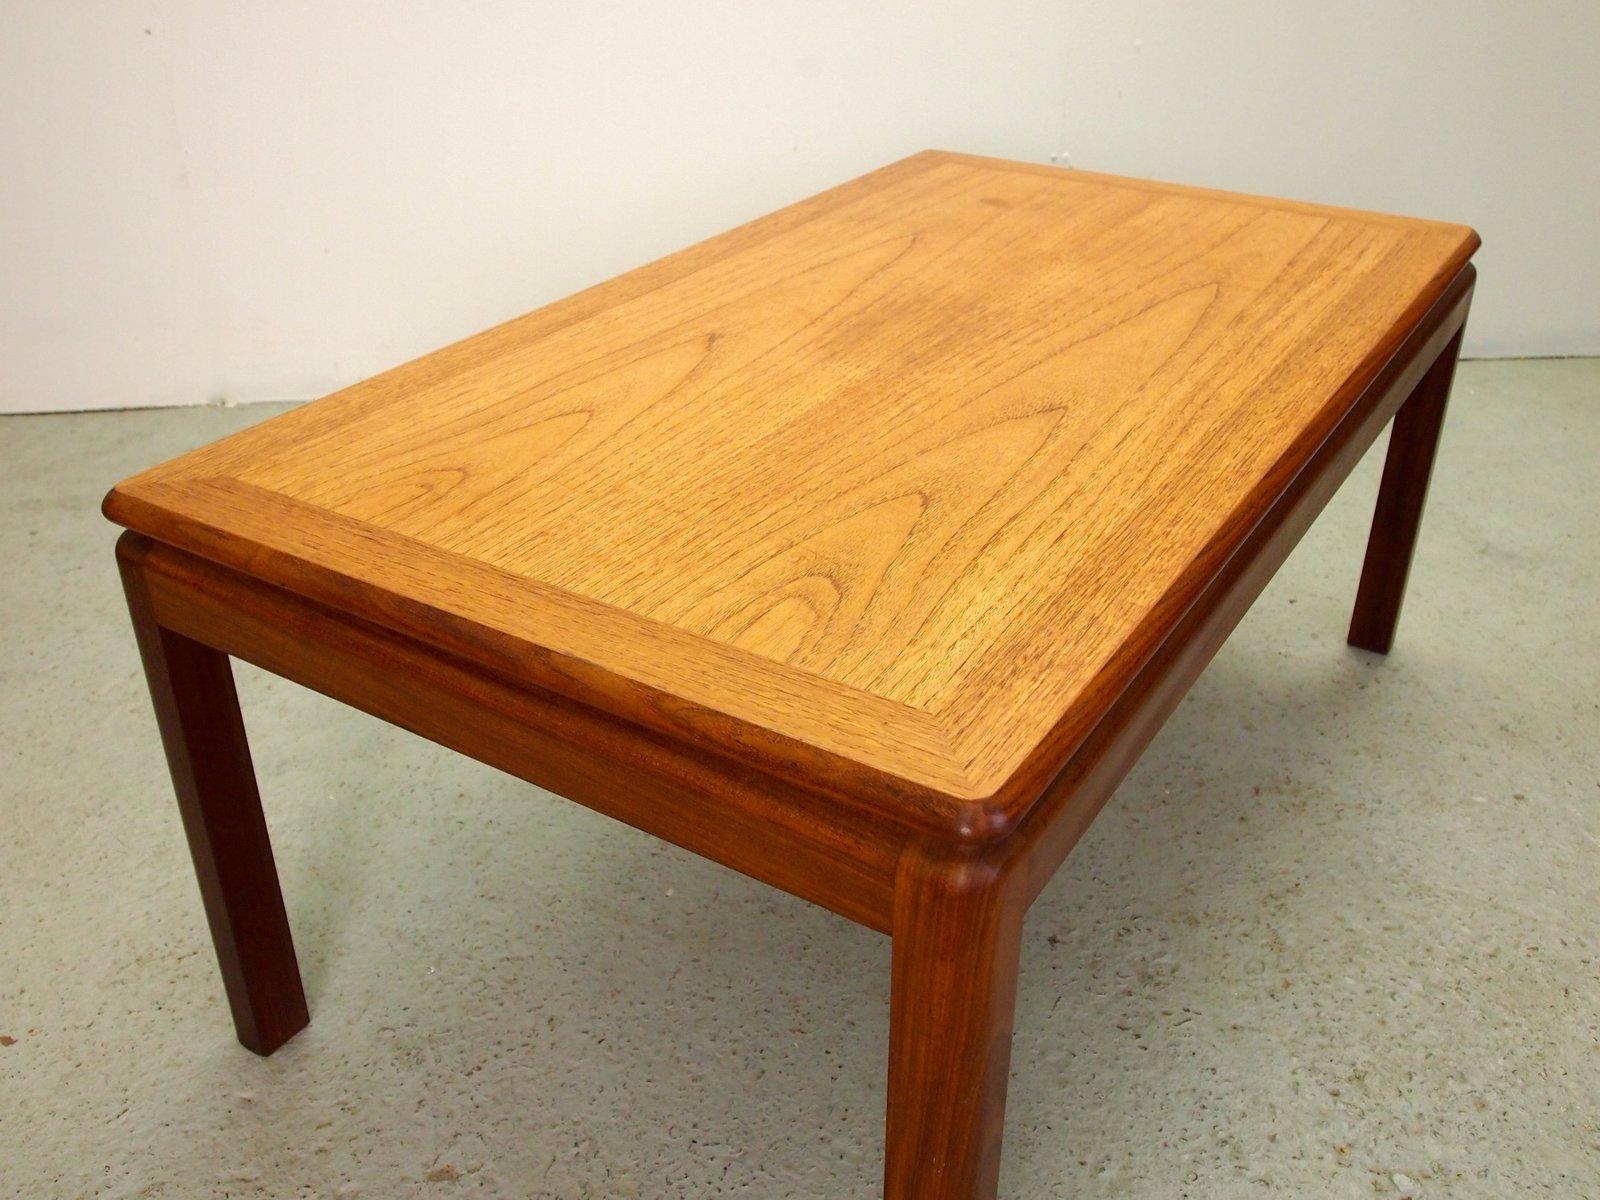 table basse mid century en bois de g plan en vente sur pamono. Black Bedroom Furniture Sets. Home Design Ideas